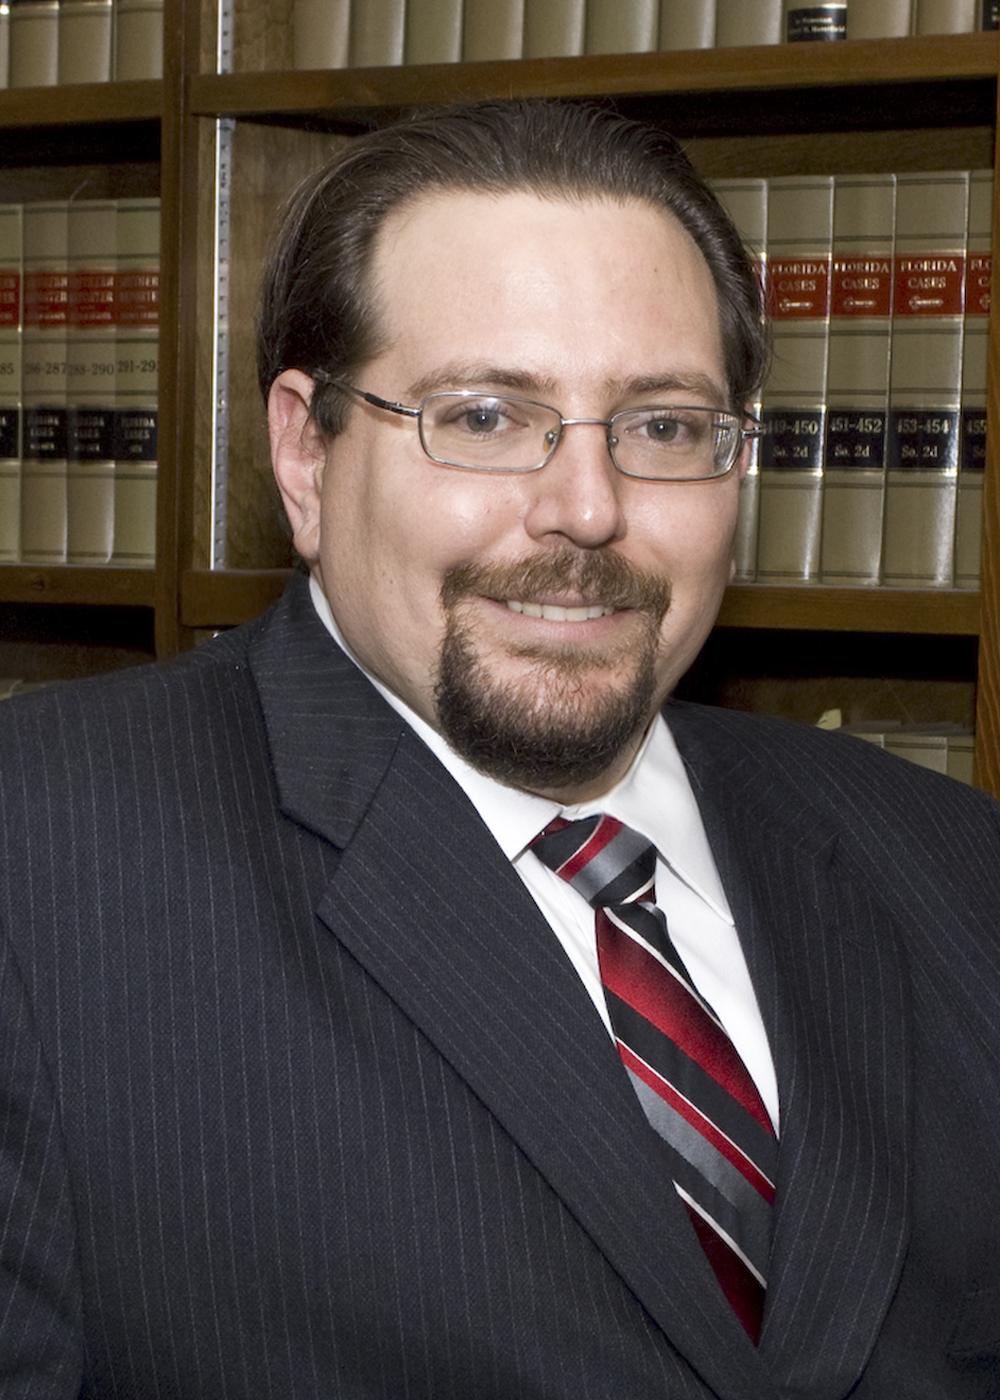 Attorney Christian A. Straile LLC